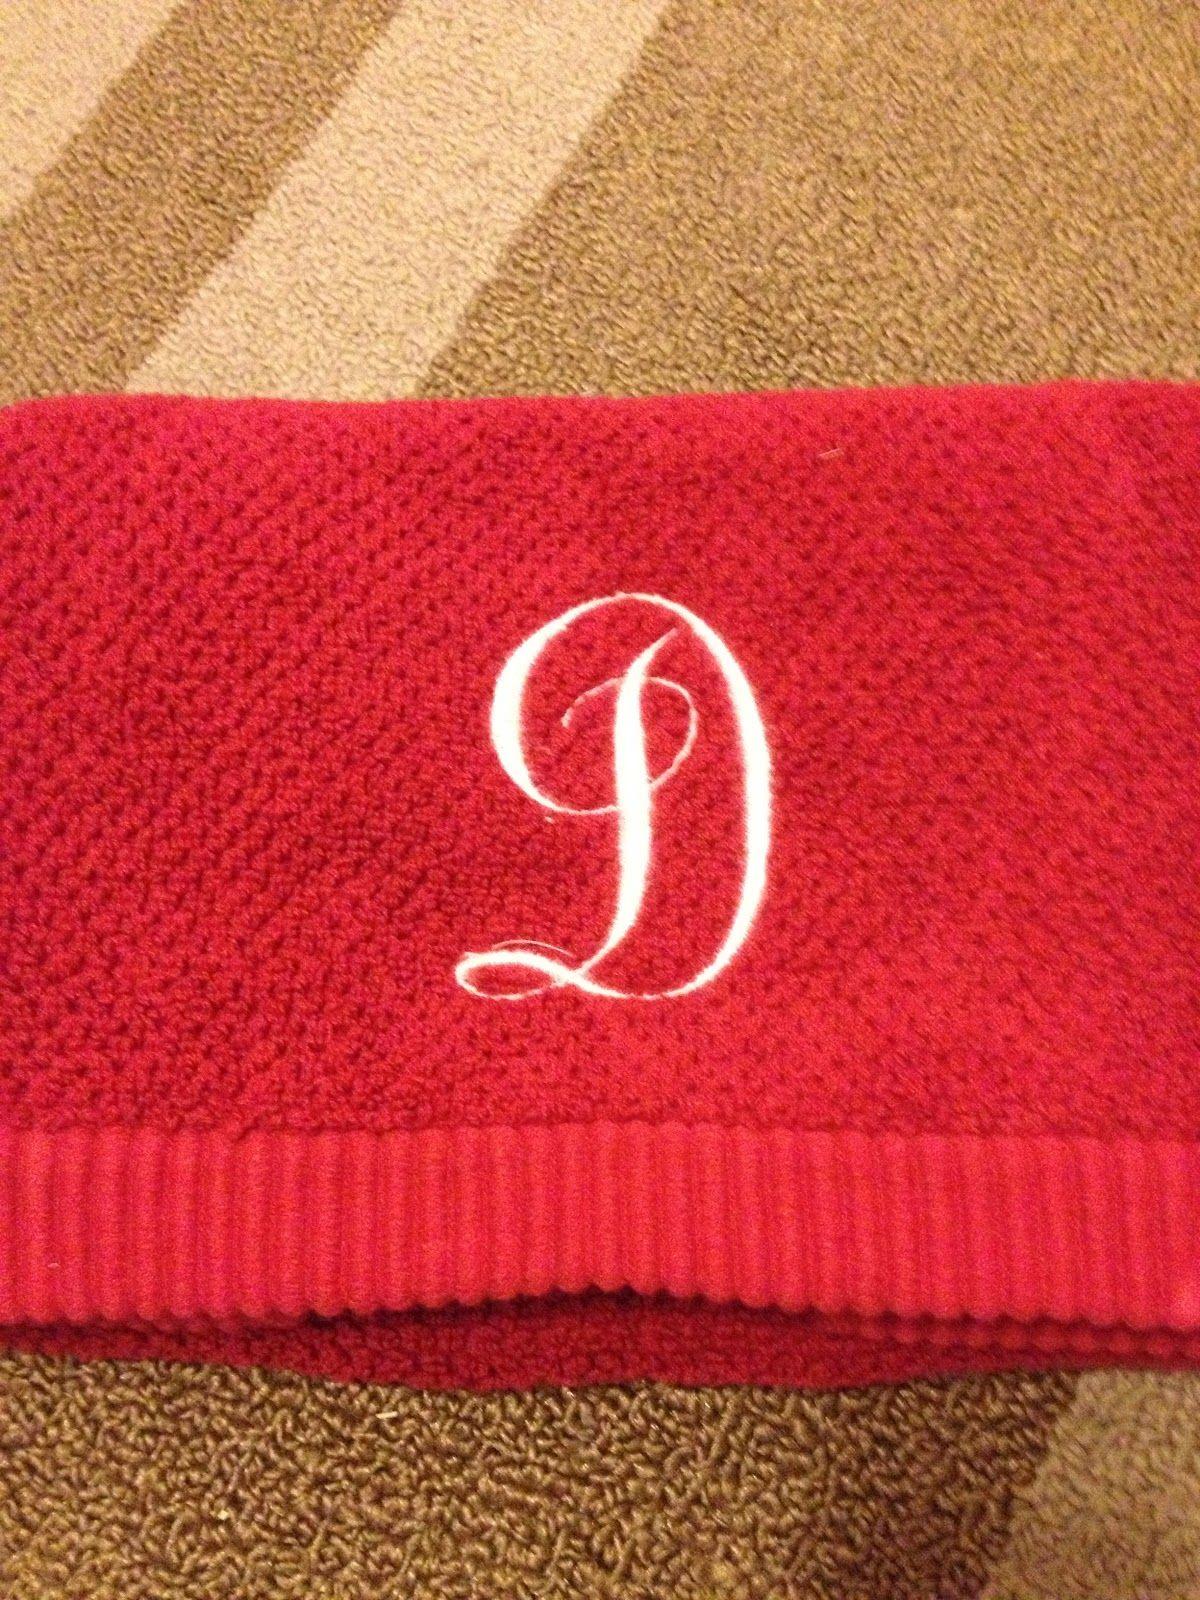 a4030cfb60 Single Initial towel | T Y P O G R A P H Y | Letter d, Lettering ...